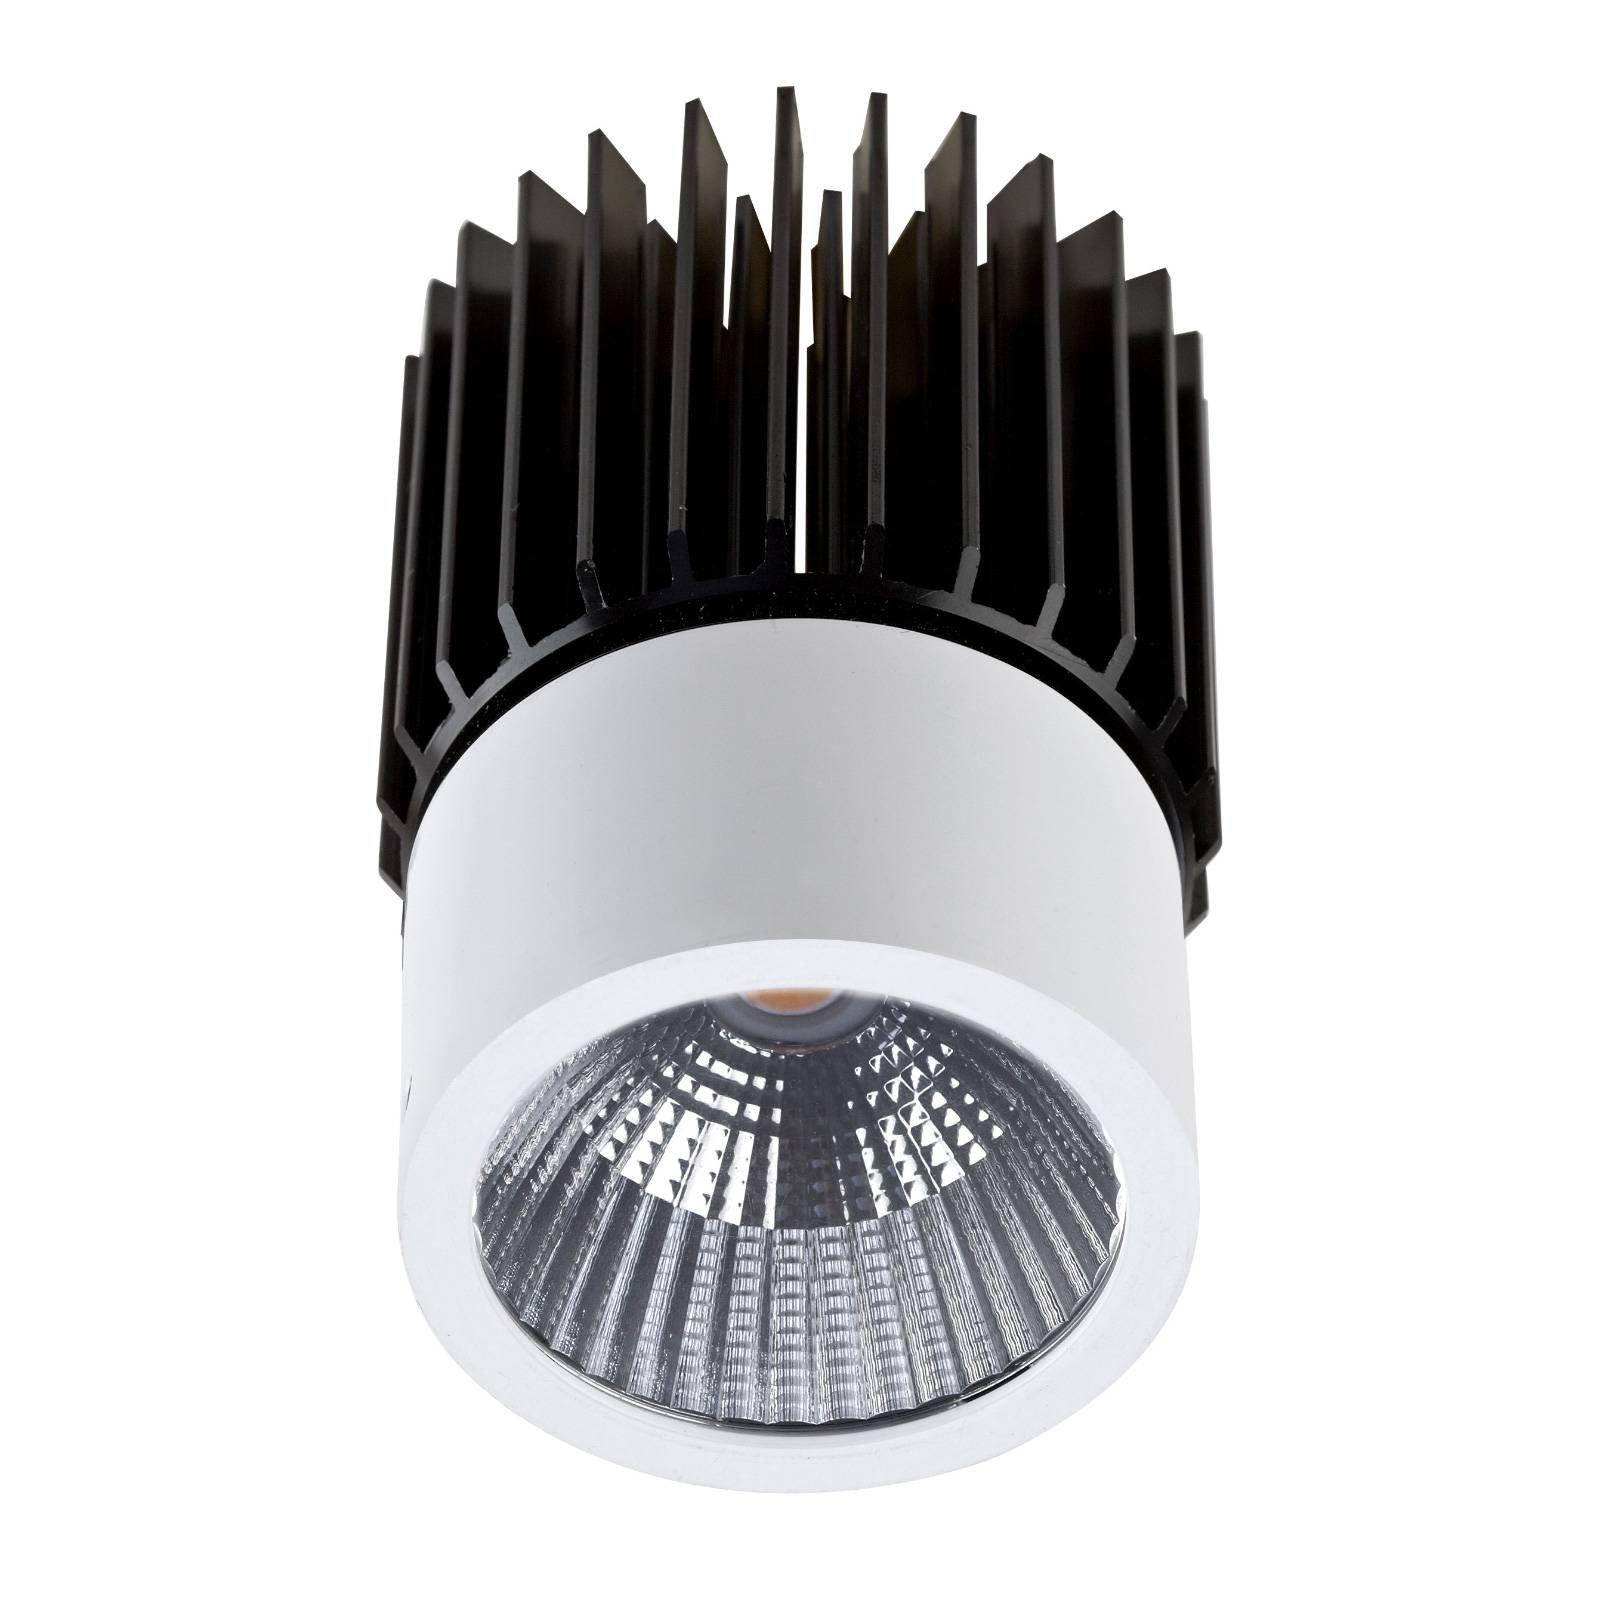 LEDS-C4 Play innbygget taklampe med LED, 2 700 K